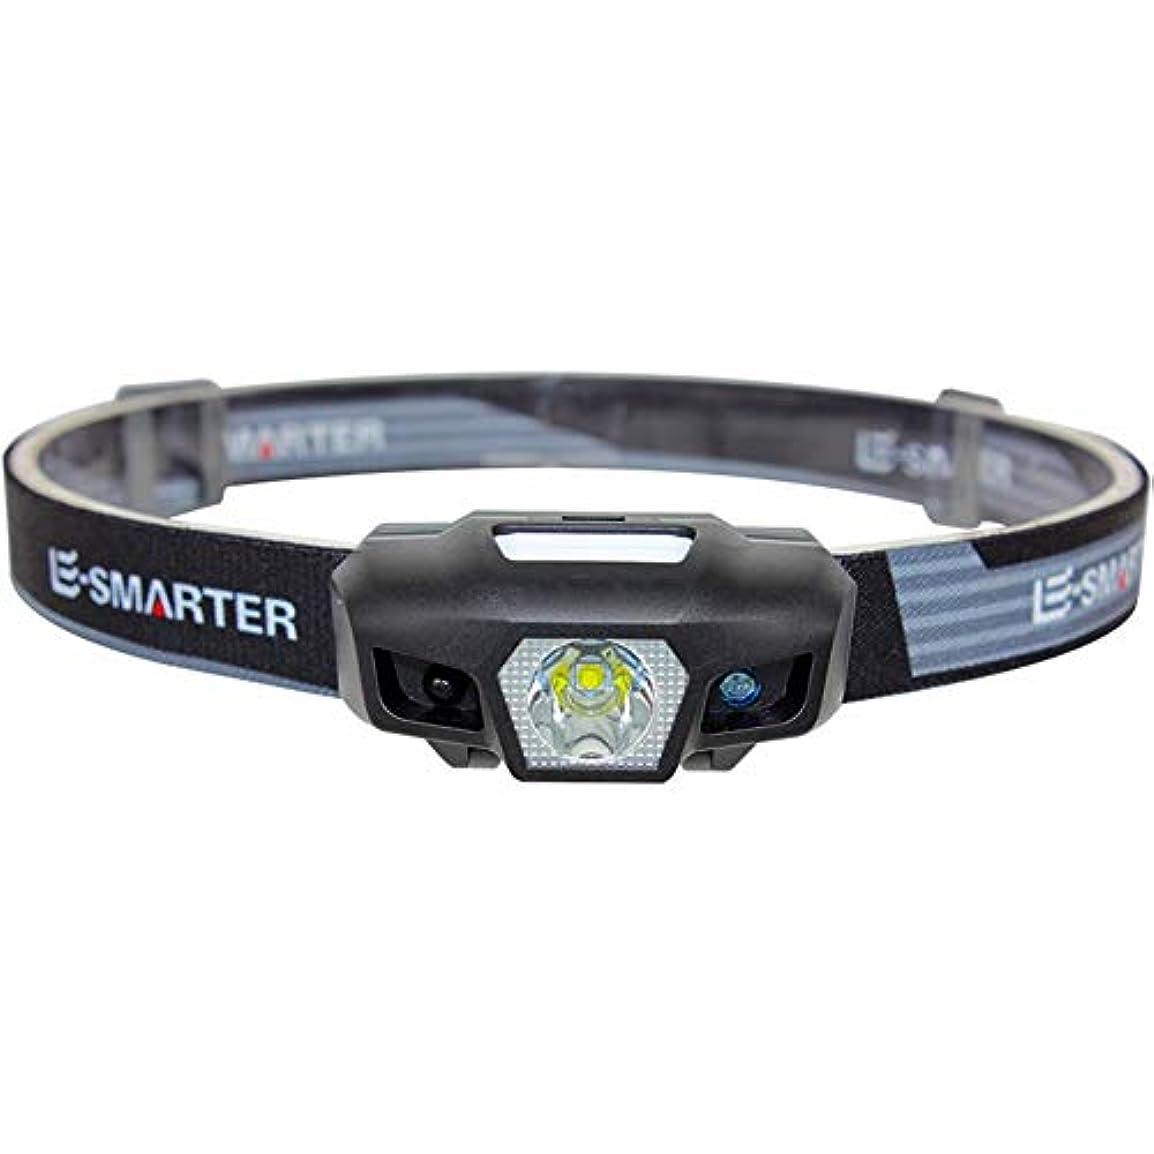 年最小保守可能ヘッドライト,多機能誘導スーパーブライトキャンプ防水釣りミニヘッドライト